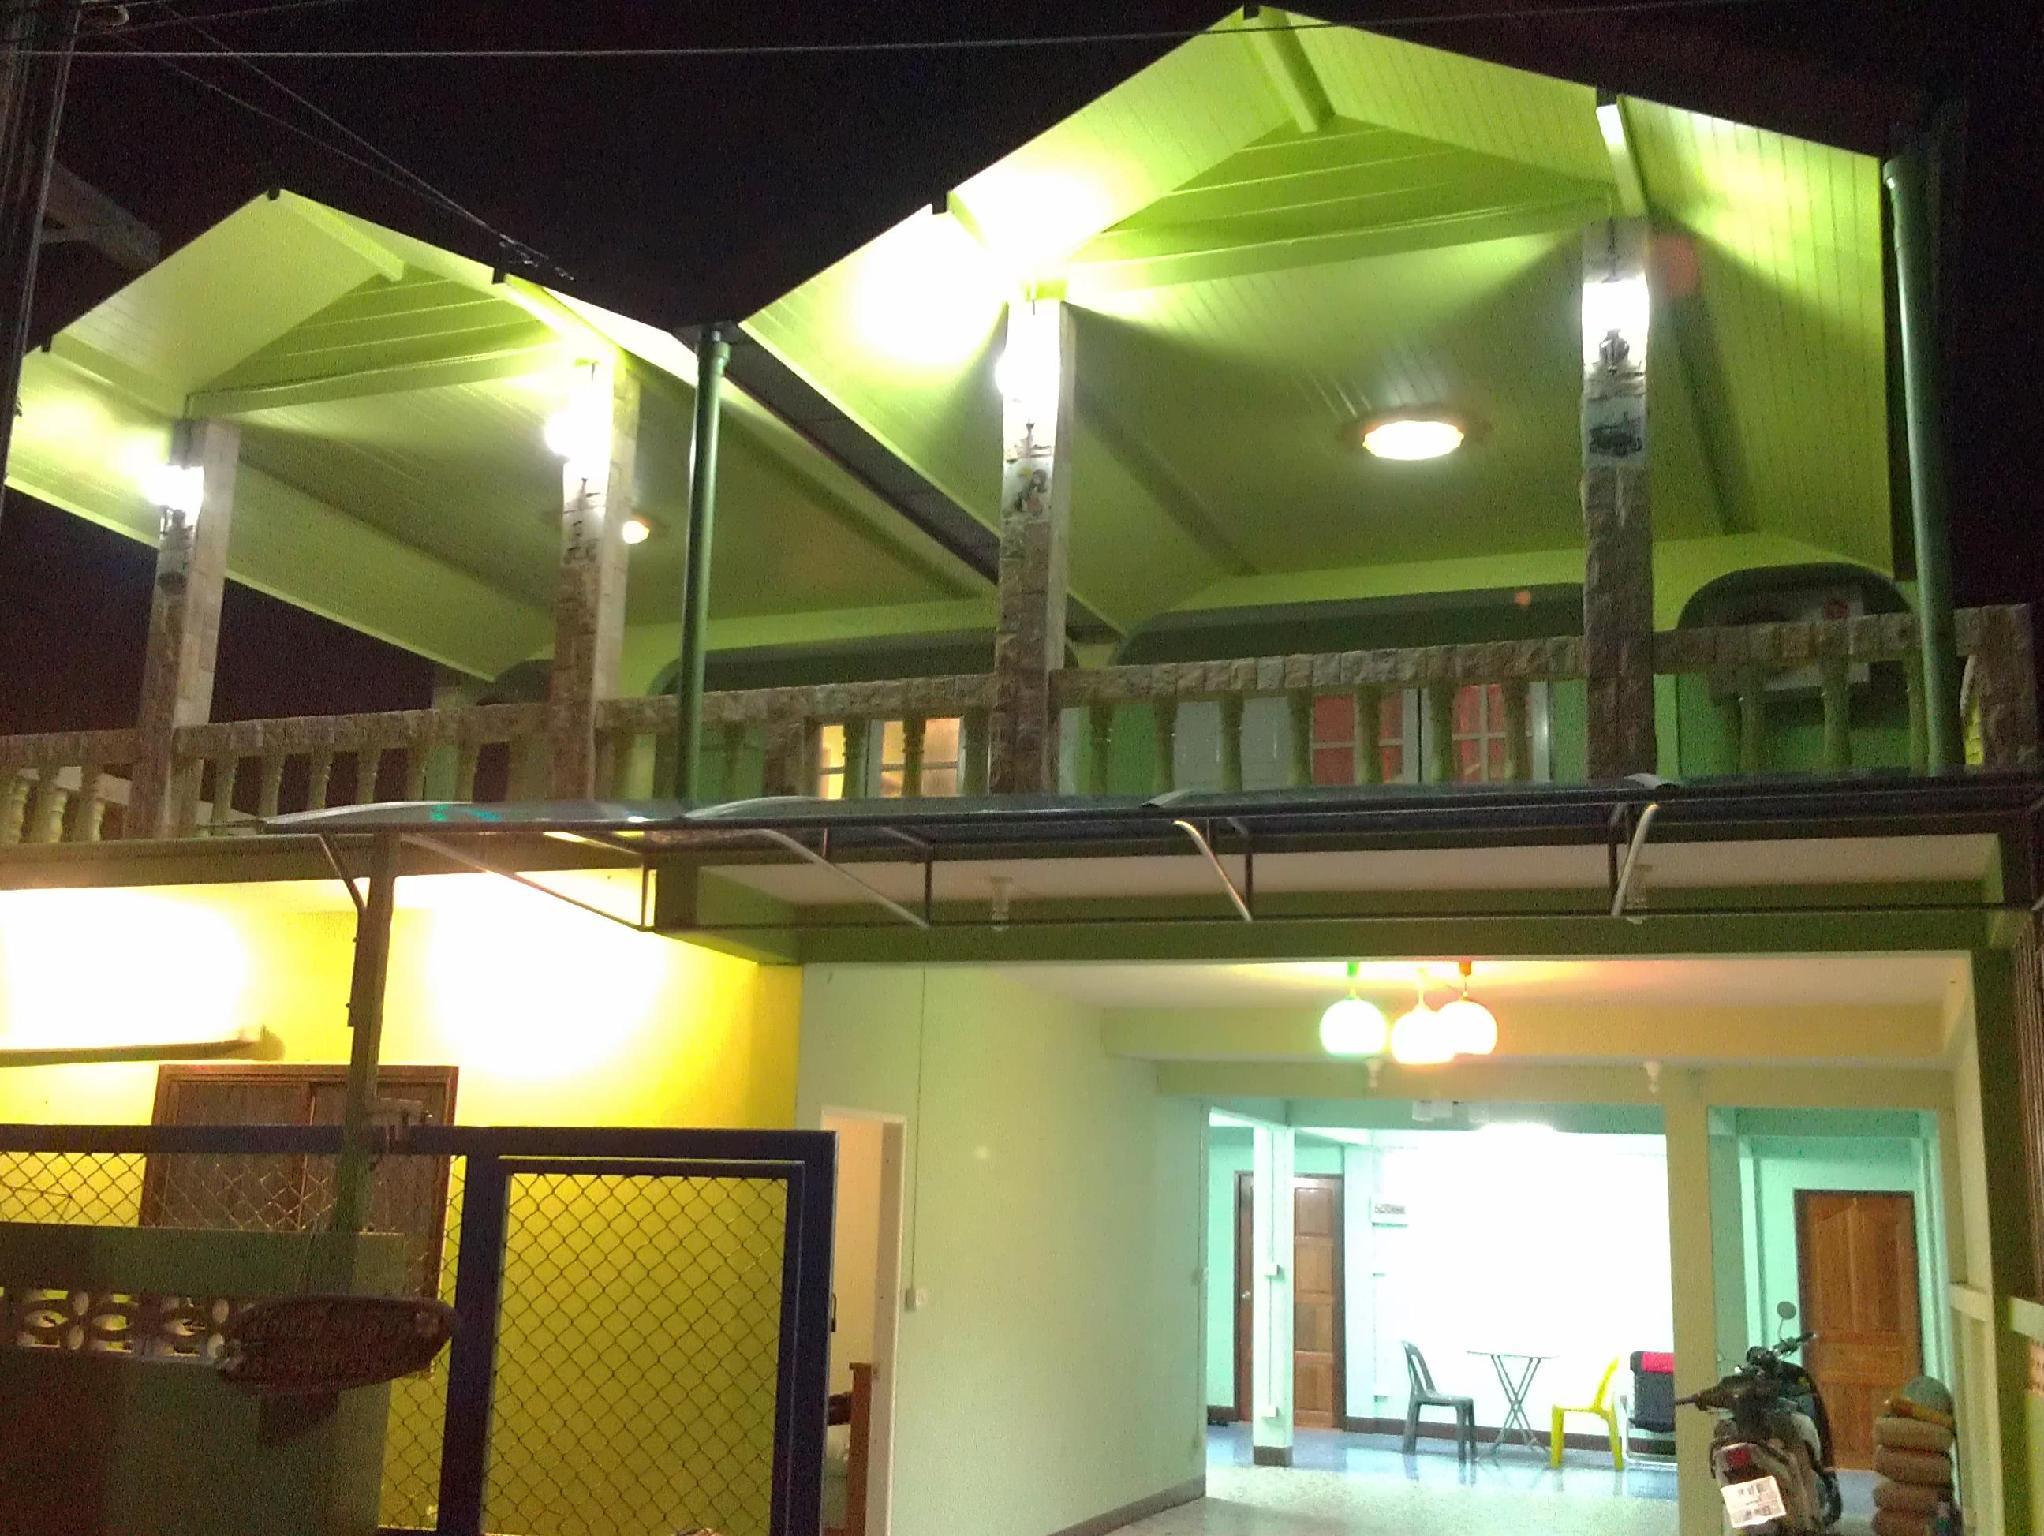 班帕克布扬西尚格酒店,บ้านพัก เพื่อนสีชัง